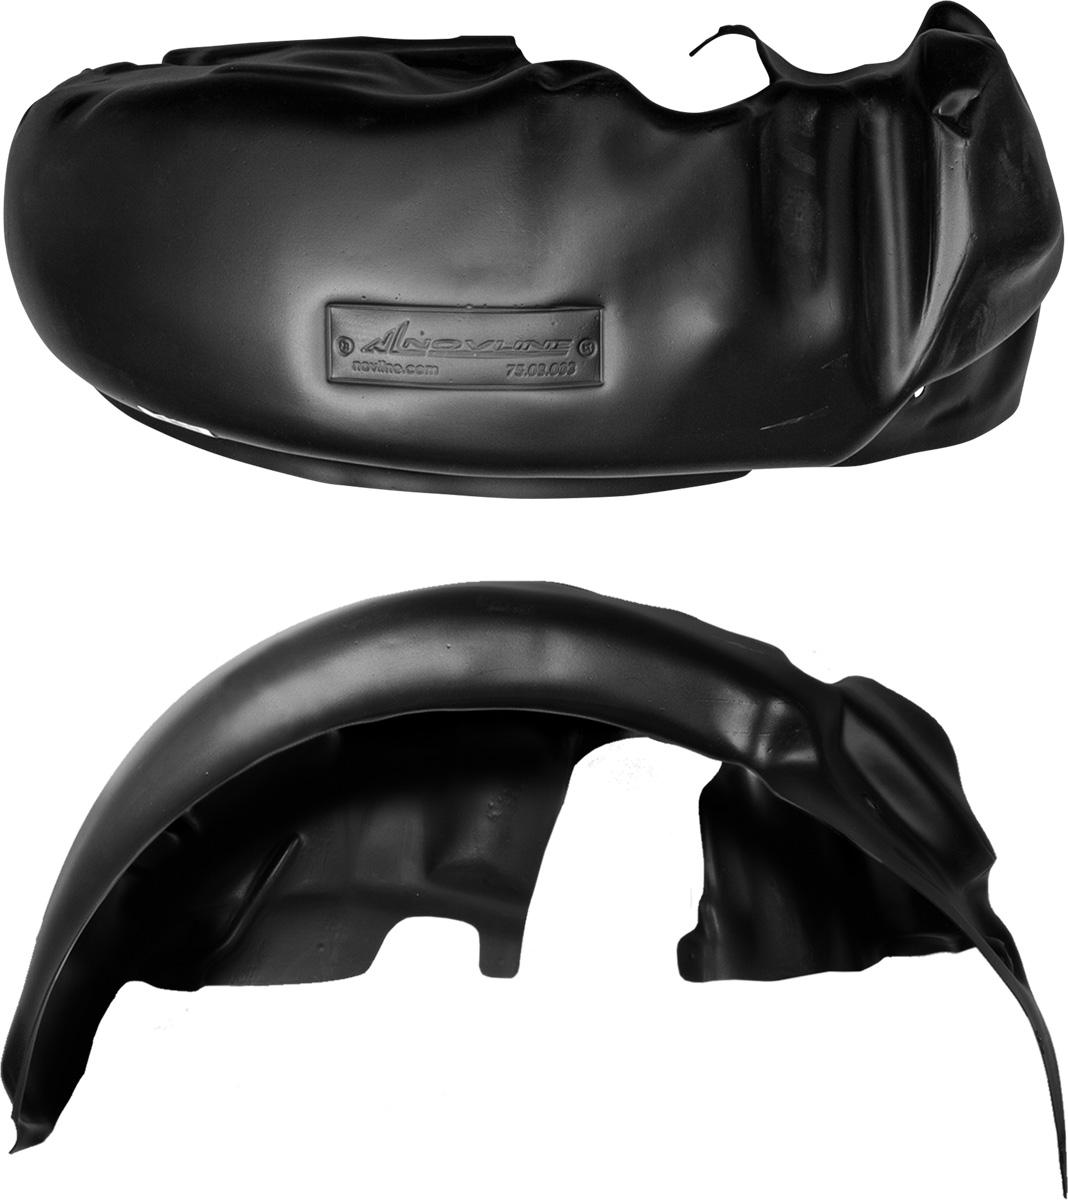 Подкрылок OPEL Astra H, 5D 2007->, хэтчбек, задний правыйNLL.37.17.004Колесные ниши – одни из самых уязвимых зон днища вашего автомобиля. Они постоянно подвергаются воздействию со стороны дороги. Лучшая, почти абсолютная защита для них - специально отформованные пластиковые кожухи, которые называются подкрылками, или локерами. Производятся они как для отечественных моделей автомобилей, так и для иномарок. Подкрылки выполнены из высококачественного, экологически чистого пластика. Обеспечивают надежную защиту кузова автомобиля от пескоструйного эффекта и негативного влияния, агрессивных антигололедных реагентов. Пластик обладает более низкой теплопроводностью, чем металл, поэтому в зимний период эксплуатации использование пластиковых подкрылков позволяет лучше защитить колесные ниши от налипания снега и образования наледи. Оригинальность конструкции подчеркивает элегантность автомобиля, бережно защищает нанесенное на днище кузова антикоррозийное покрытие и позволяет осуществить крепление подкрылков внутри колесной арки практически без дополнительного...